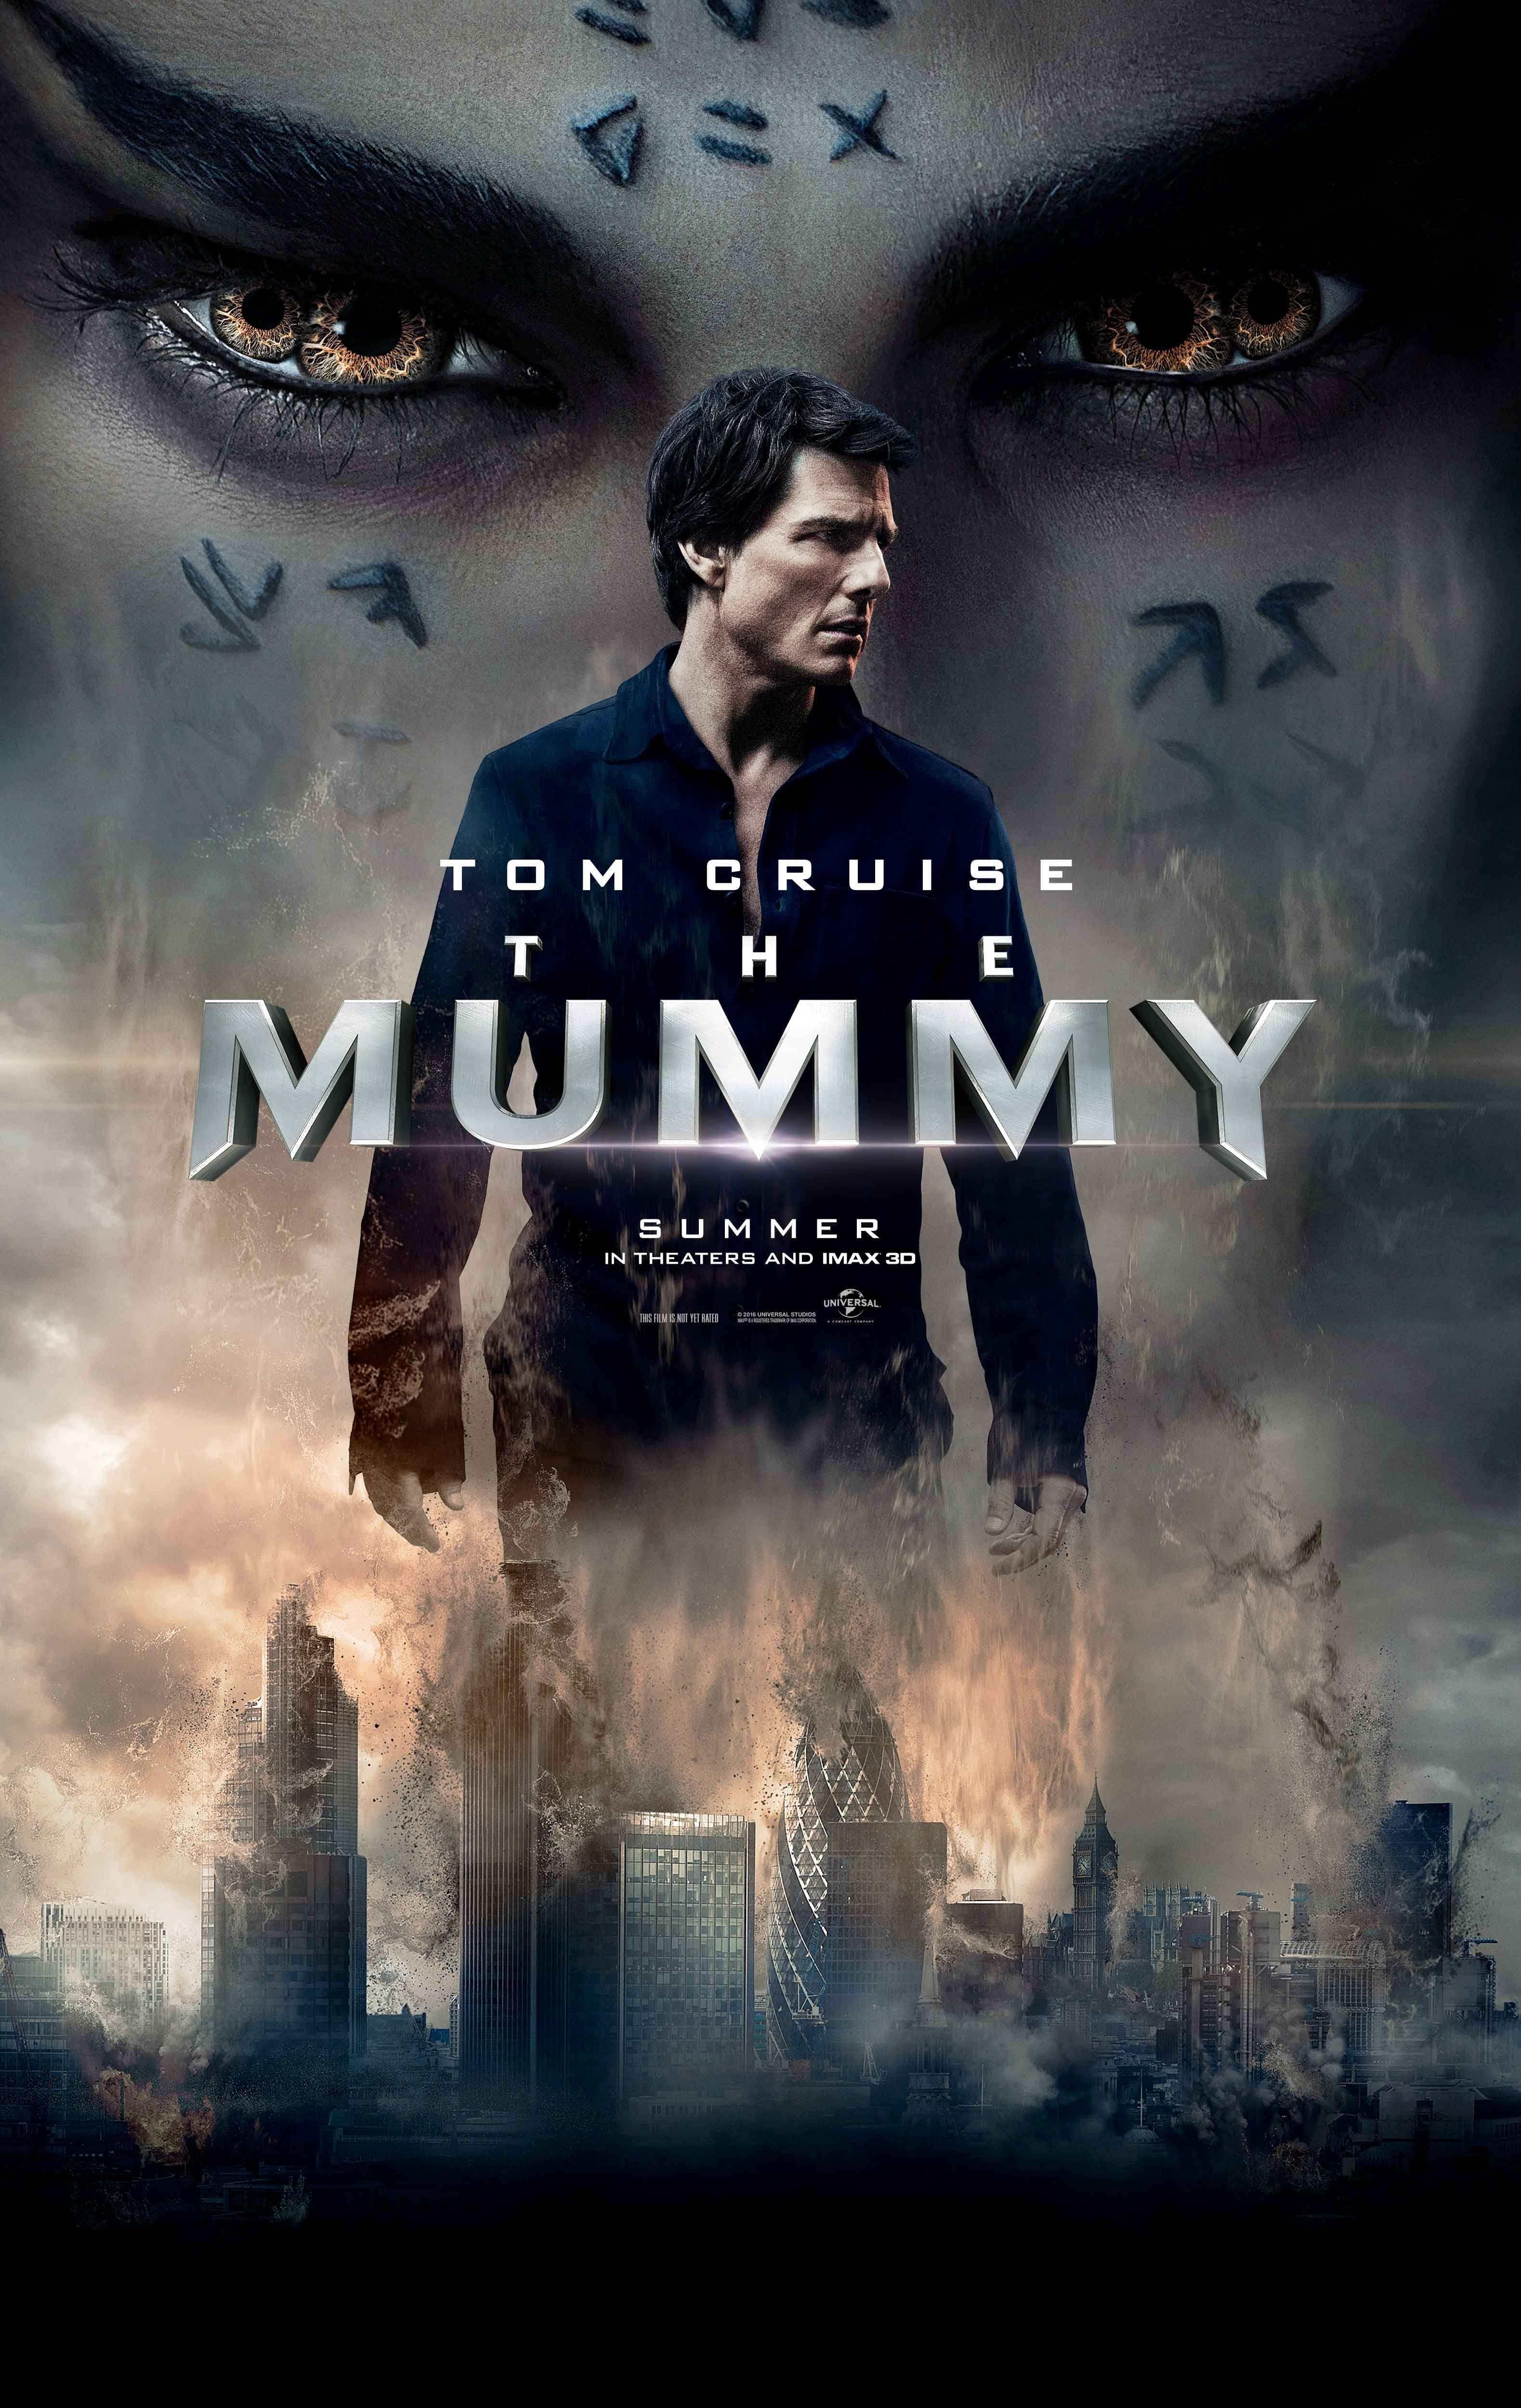 A Mumia Novo Poster Mostra Seus Olhares Sob Tom Cruise Com Imagens Filmes Filmes De Terror Filmes Baixar